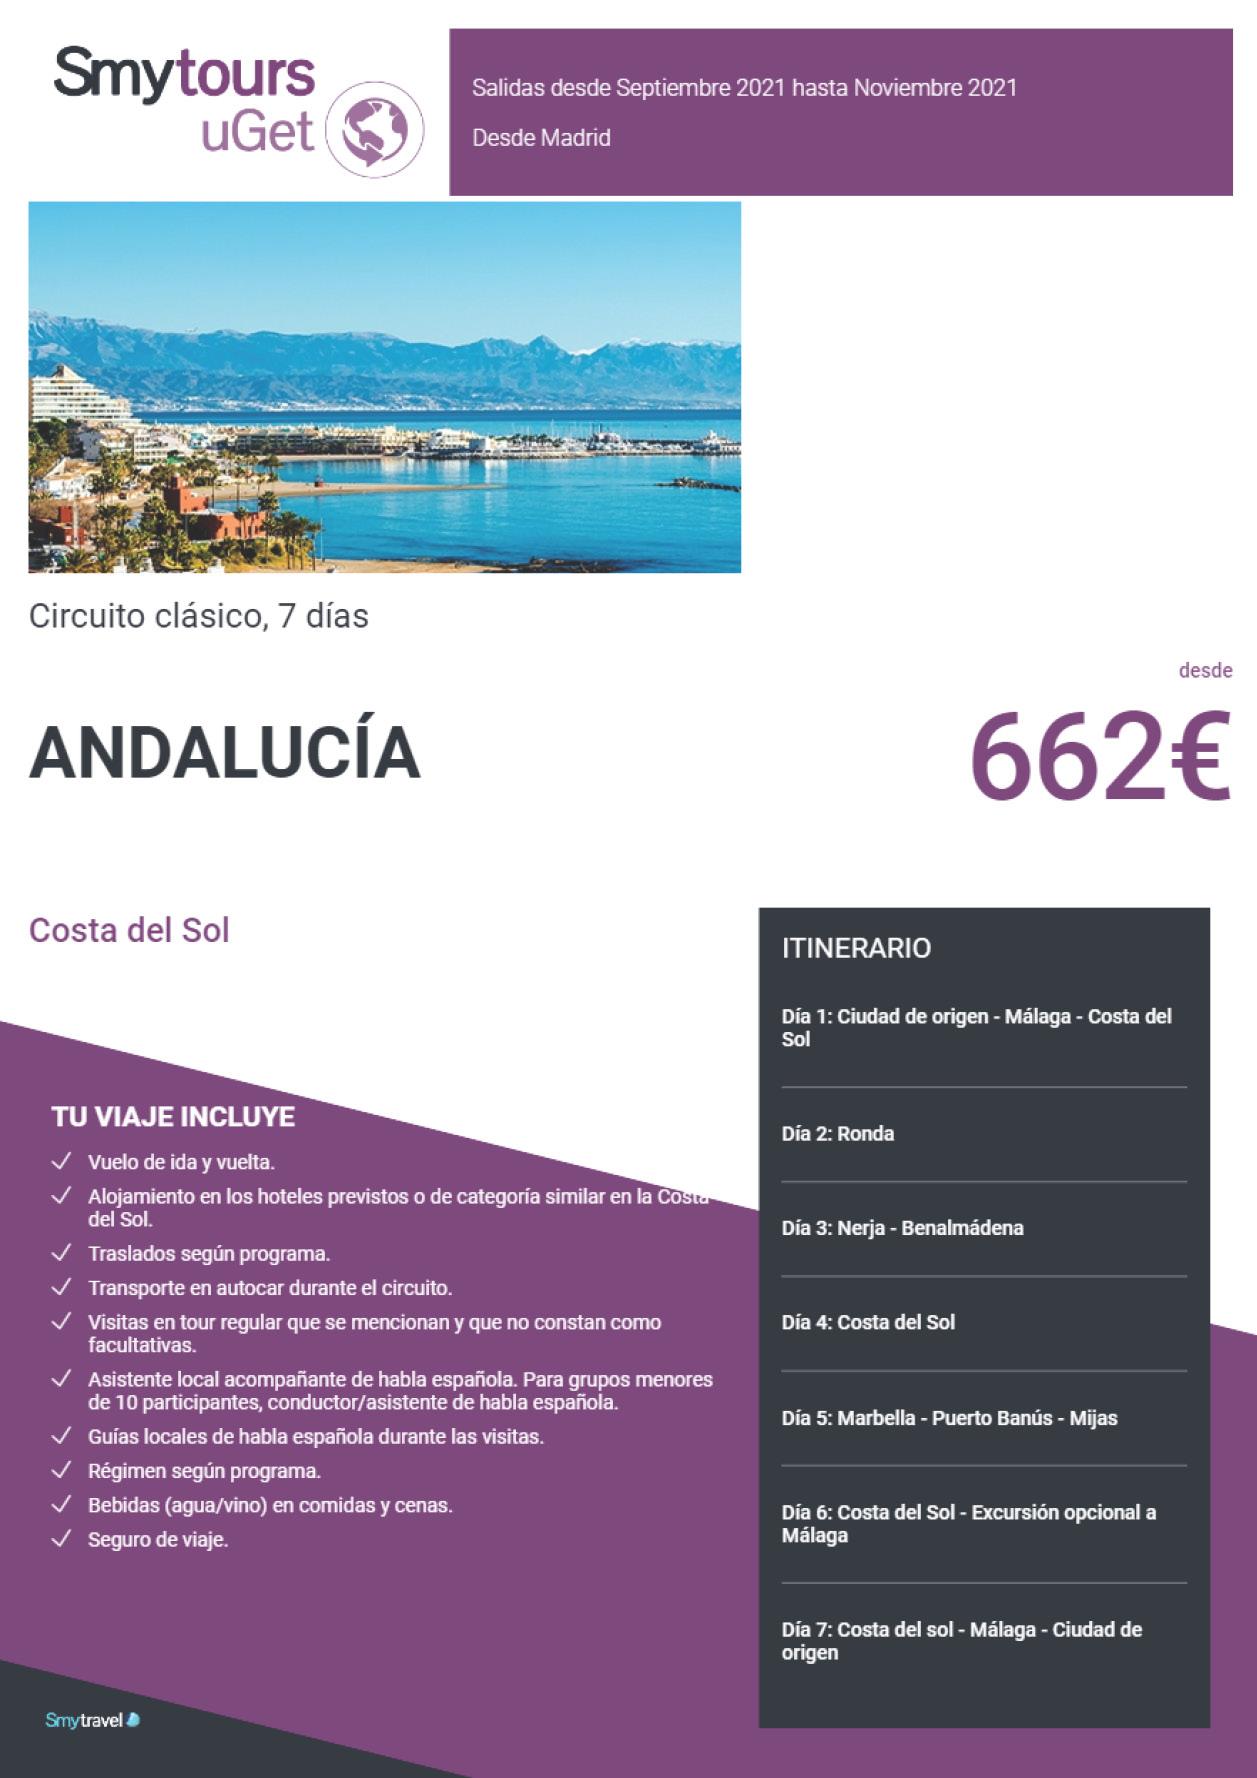 Oferta Smytravel Circuito Costa del Sol 7 dias salidas Madrid desde 662 €